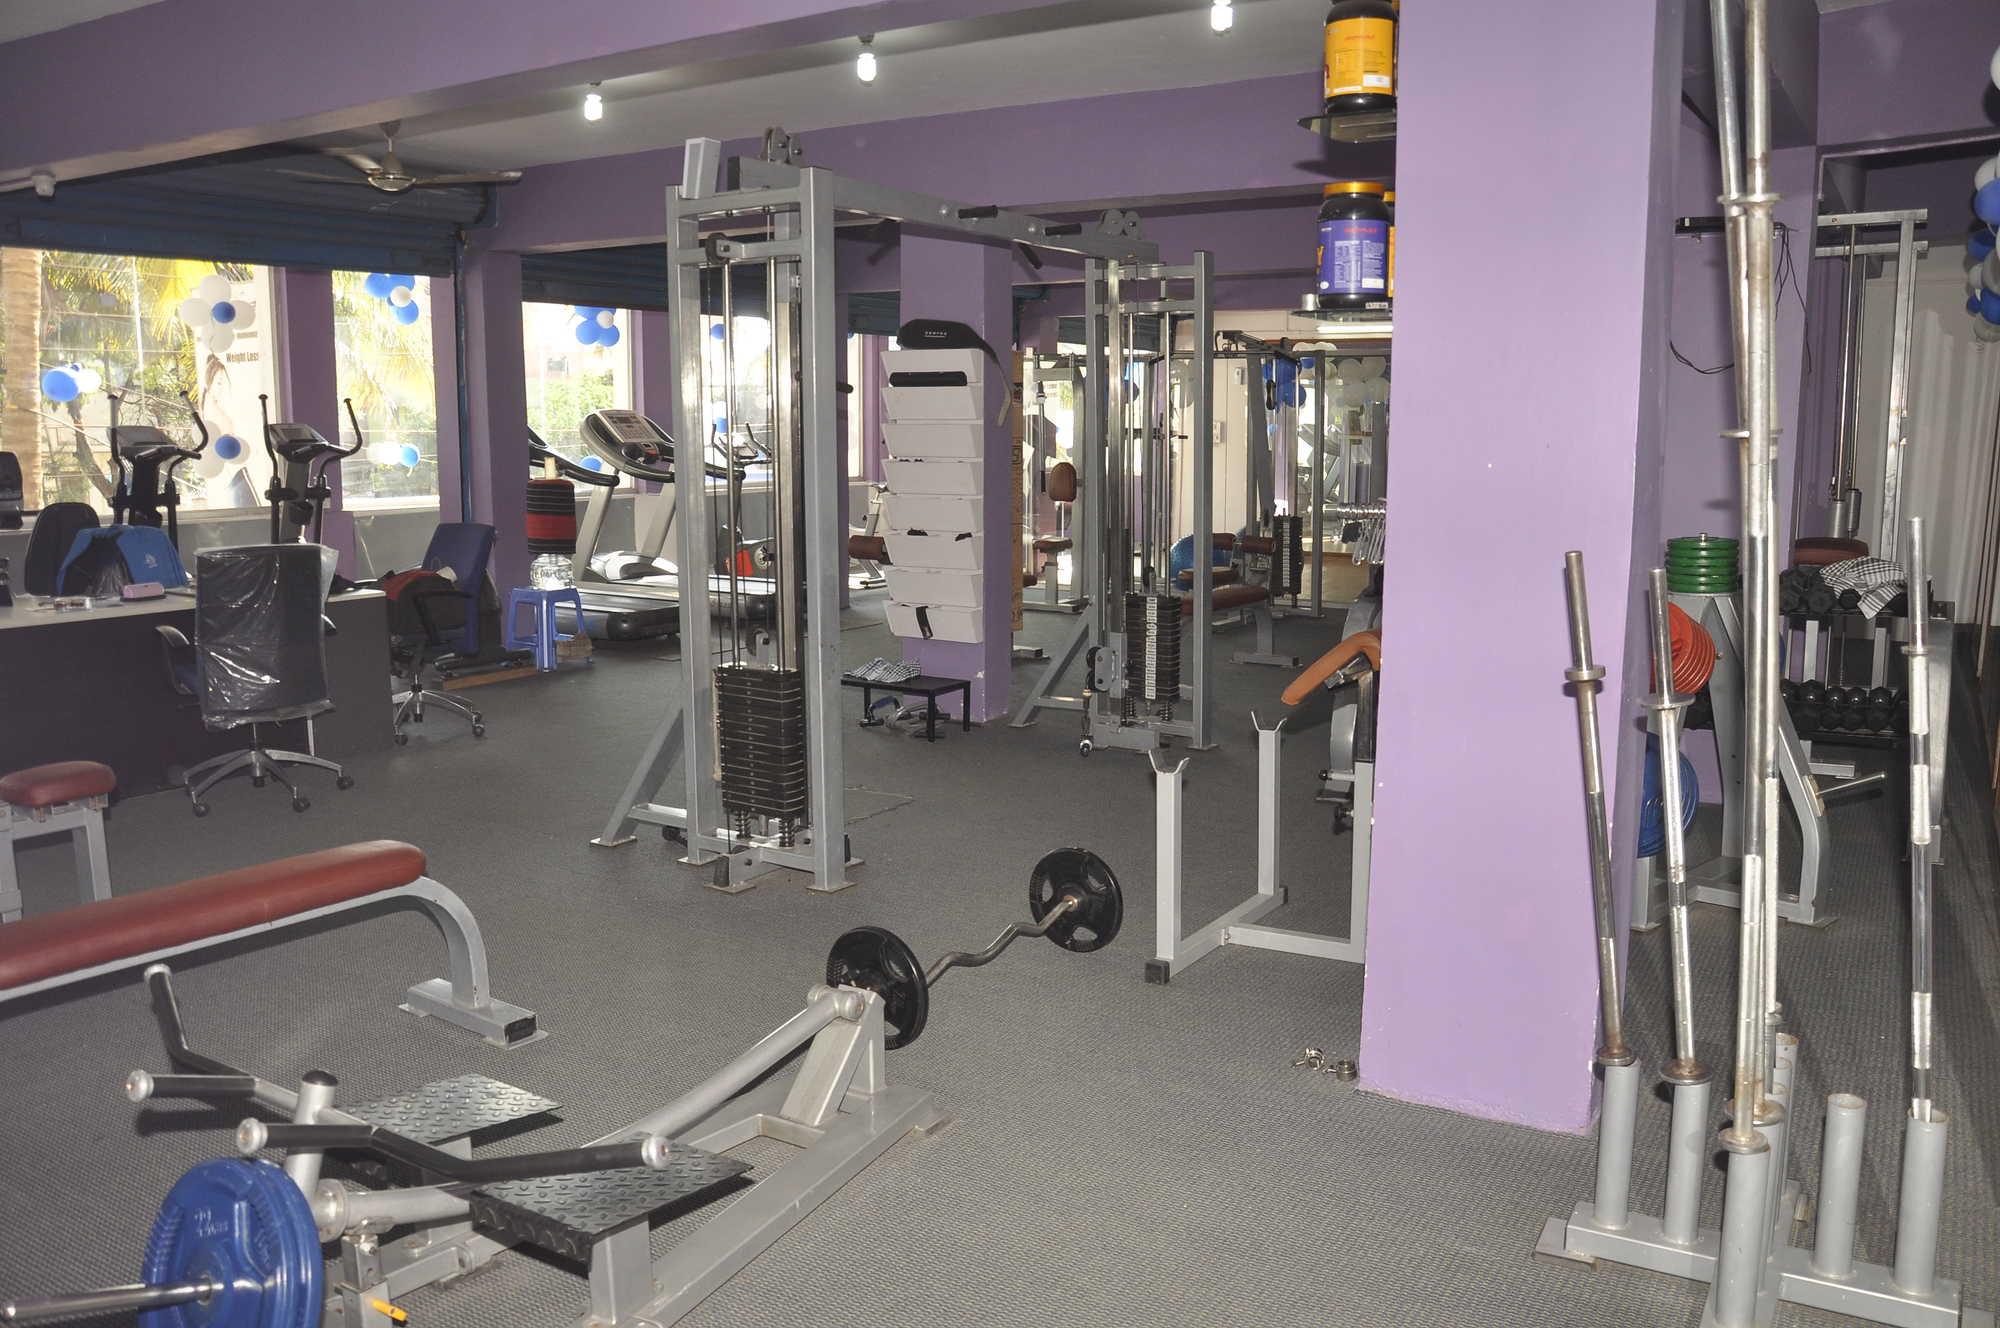 Zion Fitness - Ramamurthy Nagar - Bangalore Image